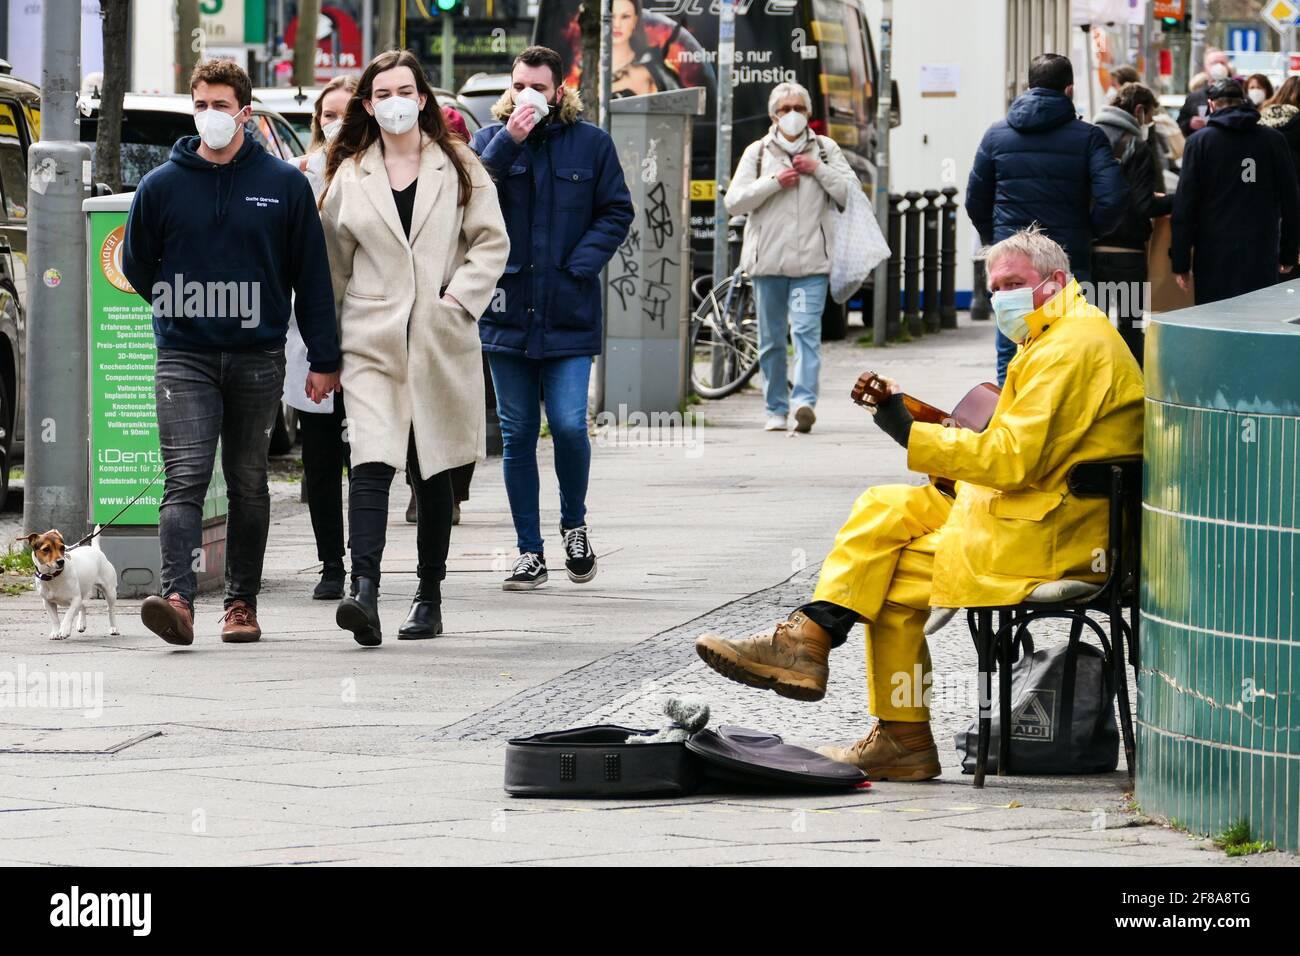 Berlin, Allemagne. 12 avril 2021. Un musicien portant un masque se produit à Berlin, capitale de l'Allemagne, le 12 avril 2021. Selon l'Institut Robert Koch (RKI), plus de trois millions d'infections à COVID-19 ont été enregistrées lundi en Allemagne depuis le début de la pandémie. Credit: Stefan Zeitz/Xinhua/Alay Live News Banque D'Images